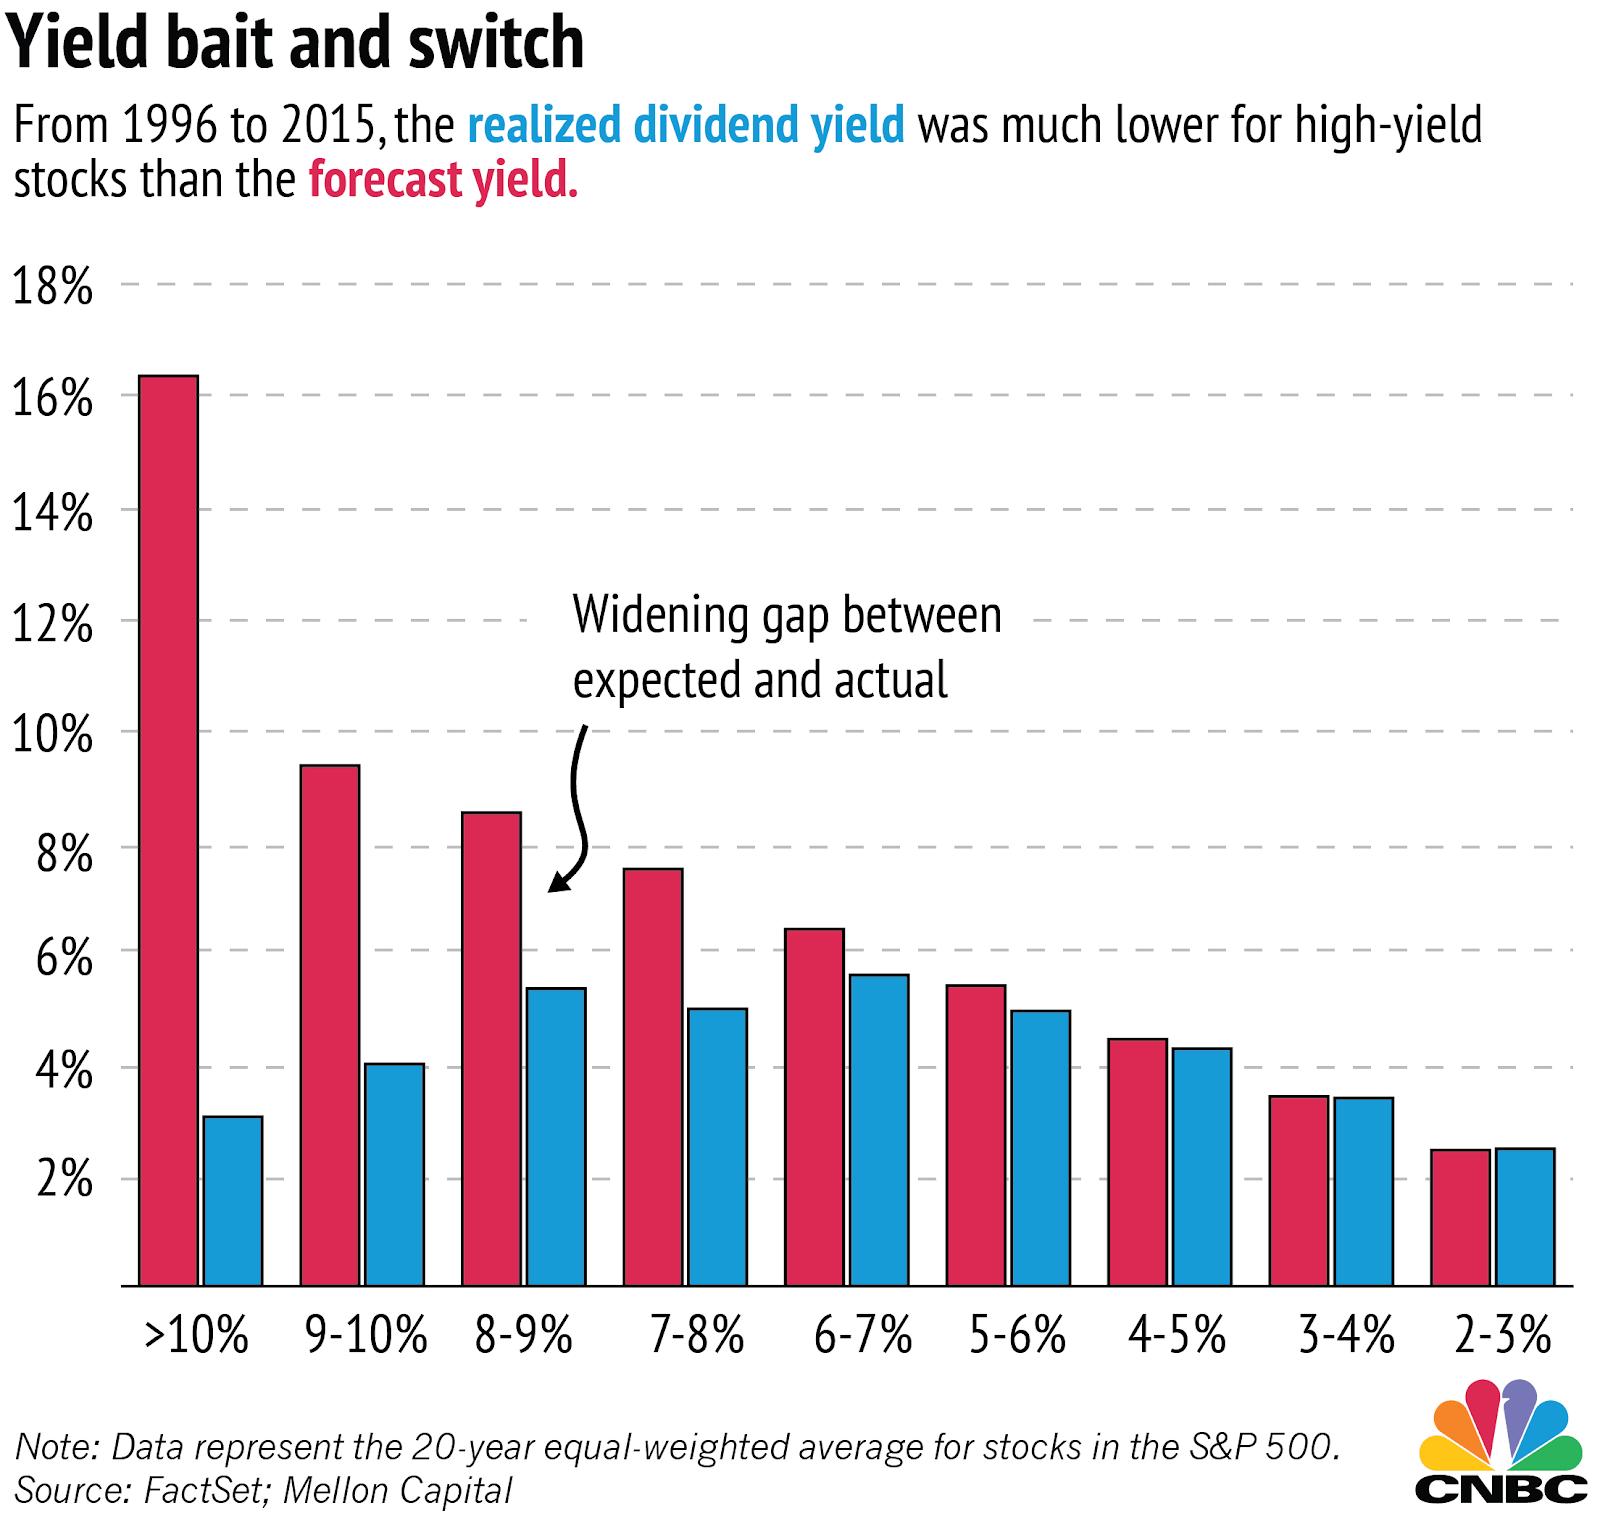 CNBC - Yield Bait & Switch - 20 Year Equal - Weighted Average for Stocks in the S&P 500 cfd aandelen cfd stocks aandelenhandel hefboom aandelen beste dividend aandelen 2019 dividend aandelen beste dividend aandelen hoog dividend aandelen aandelen met hoog dividend